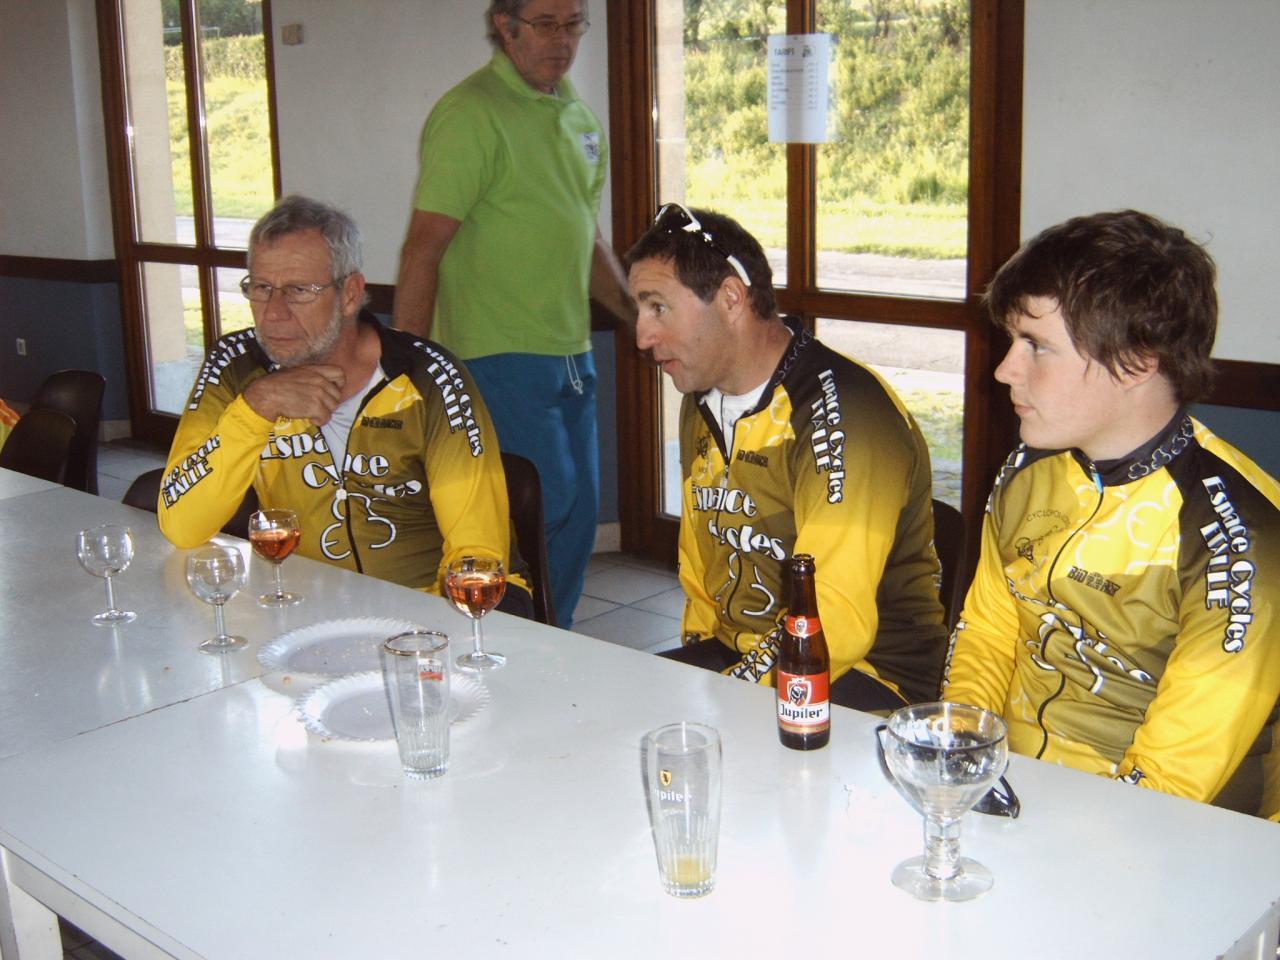 les jeunes, sérieux, ils boivent de la bière !!